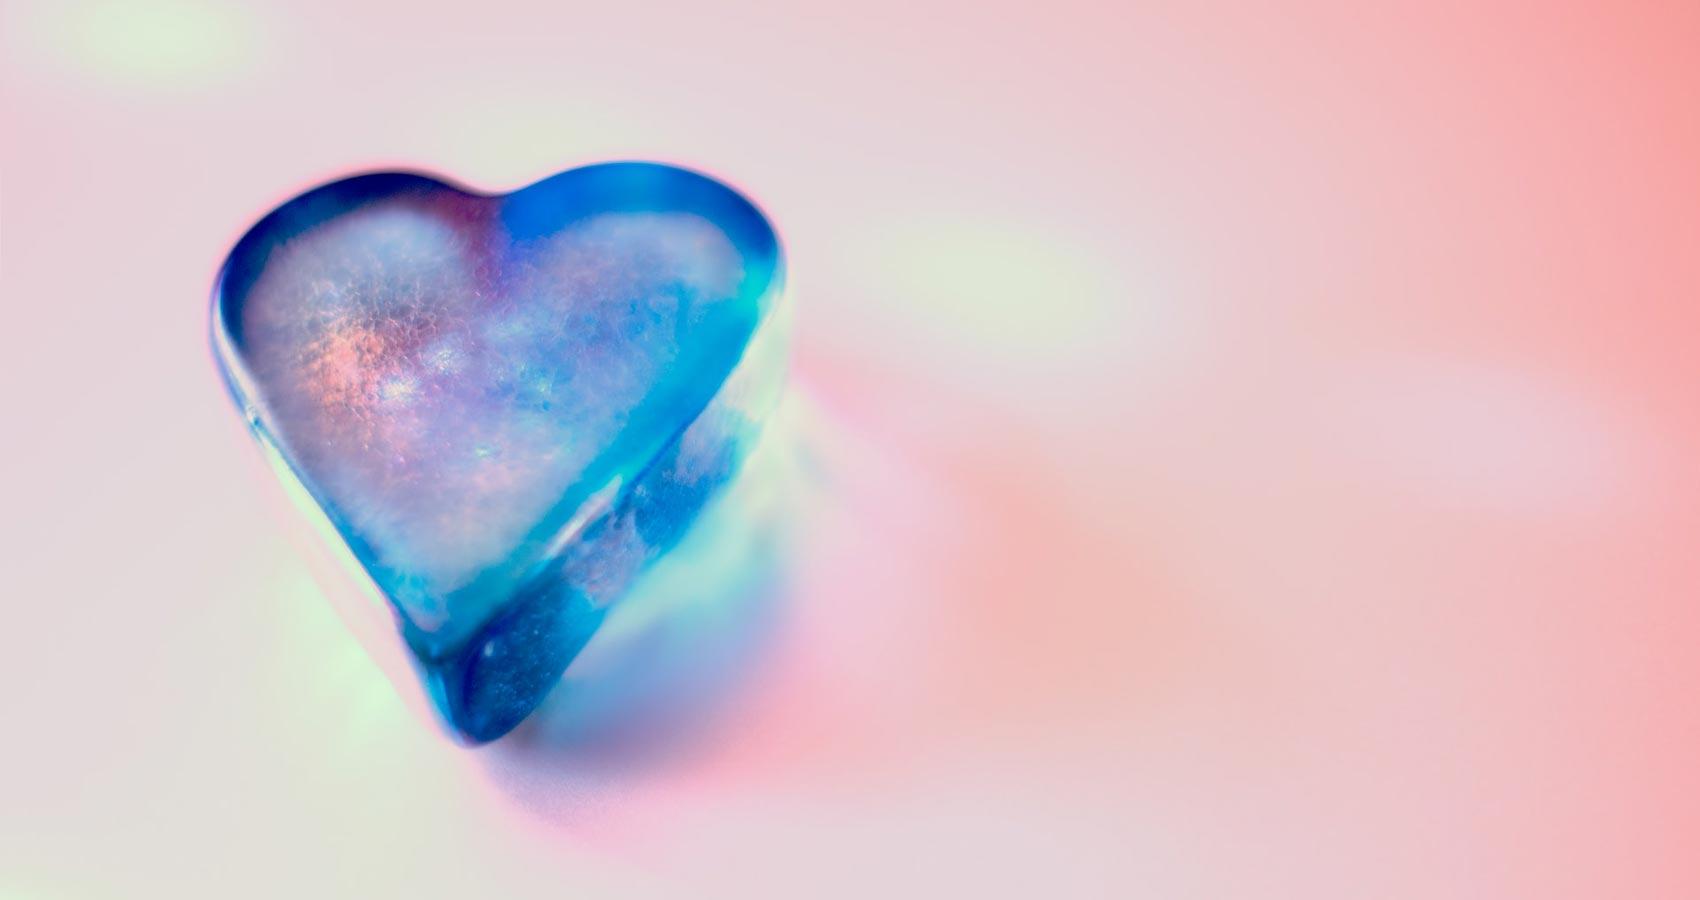 A Blue Valentine, a poem by Joyce Kilmer at Spillwords.com